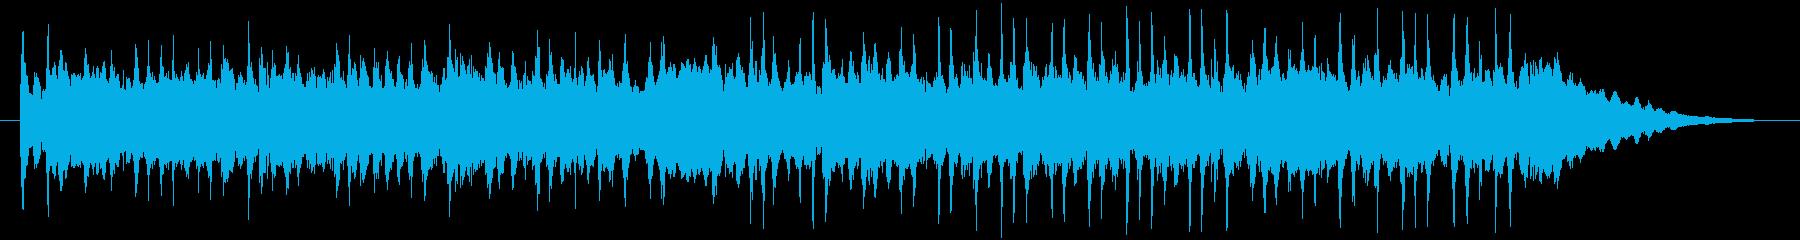 アコギメインのほのぼの曲の再生済みの波形